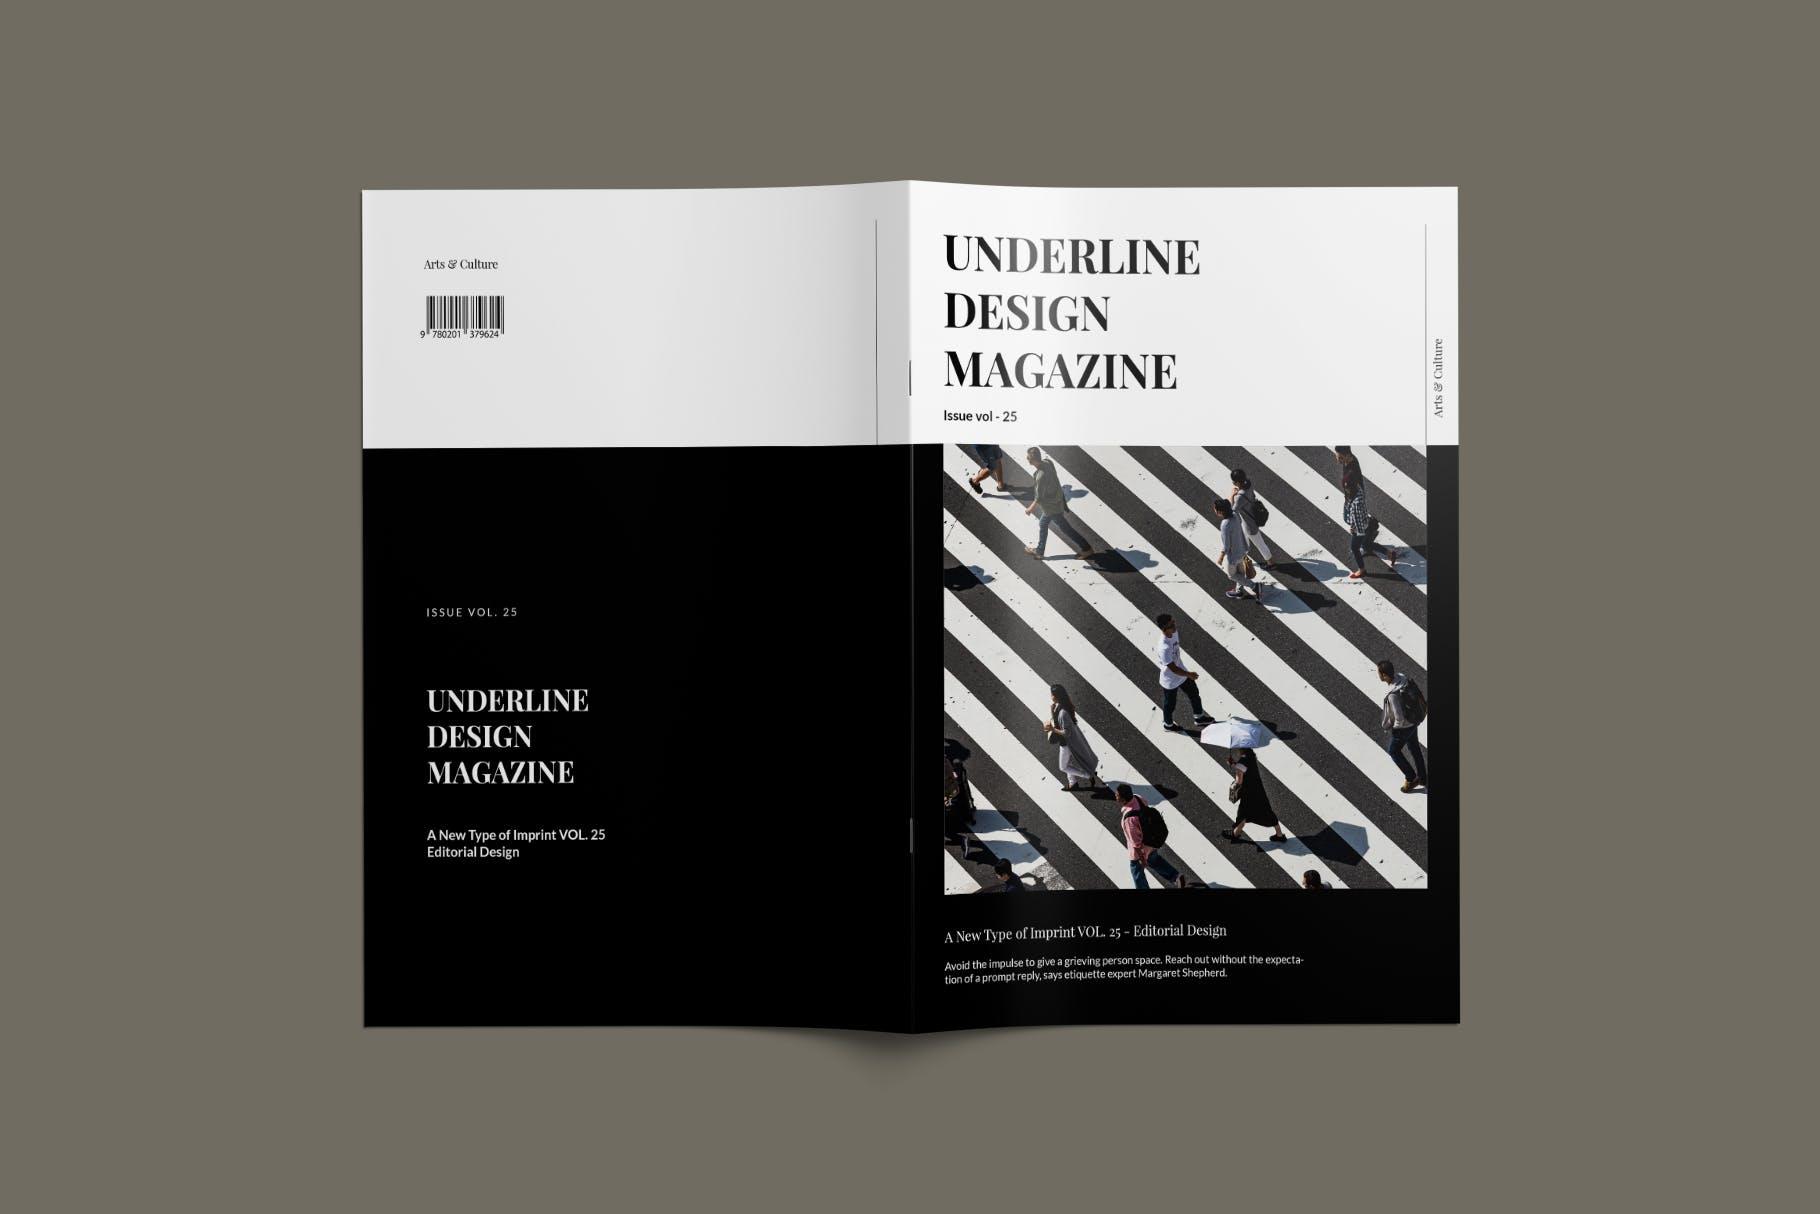 现代时尚摄影作品集设计画册INDD模板 Magazine Template插图(1)